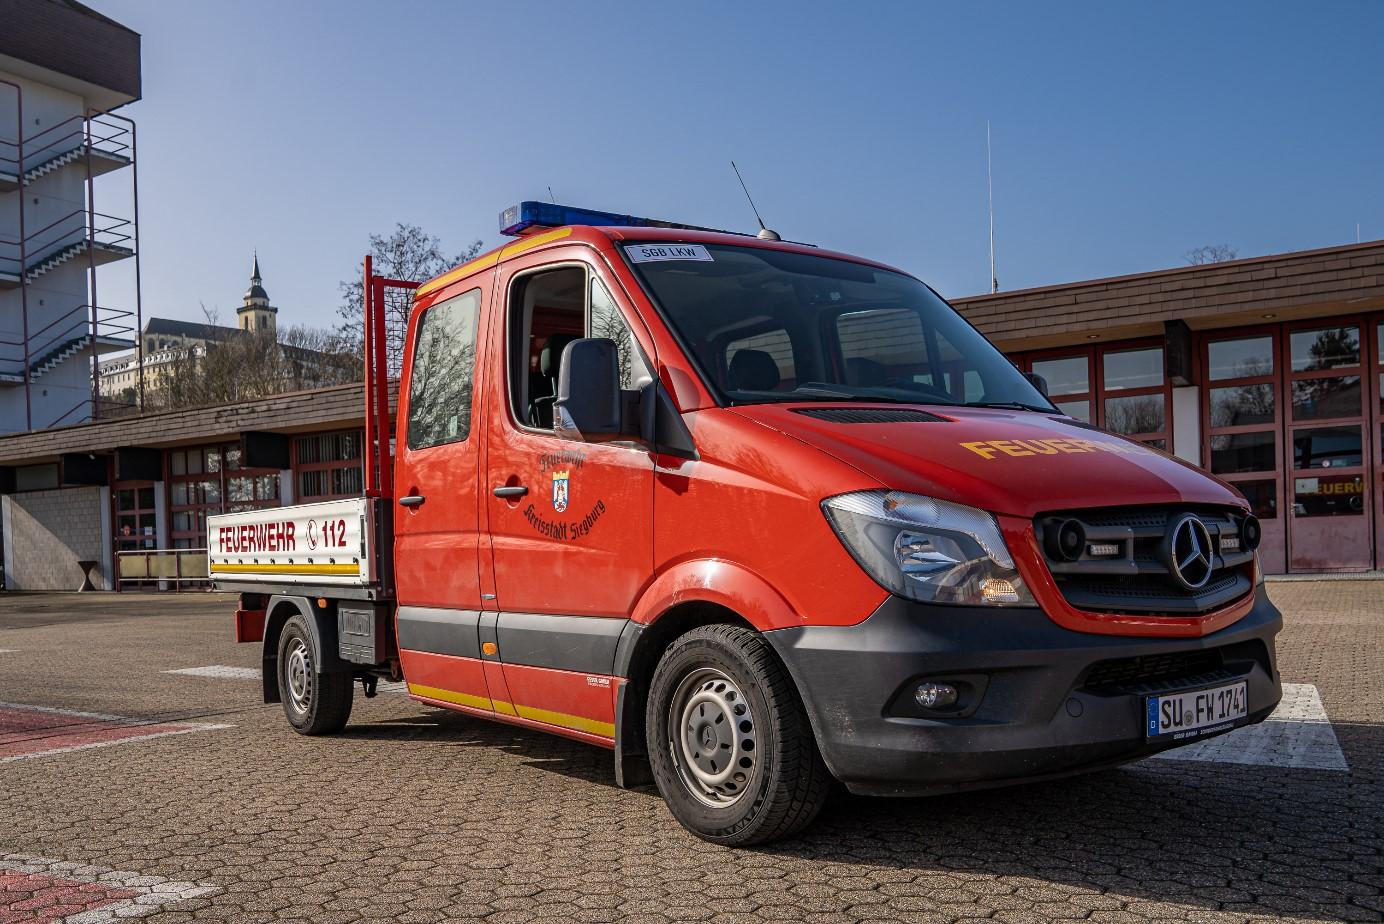 Bild vom Transporter LKW 1 der Freiwilligen Feuerwehr Siegburg